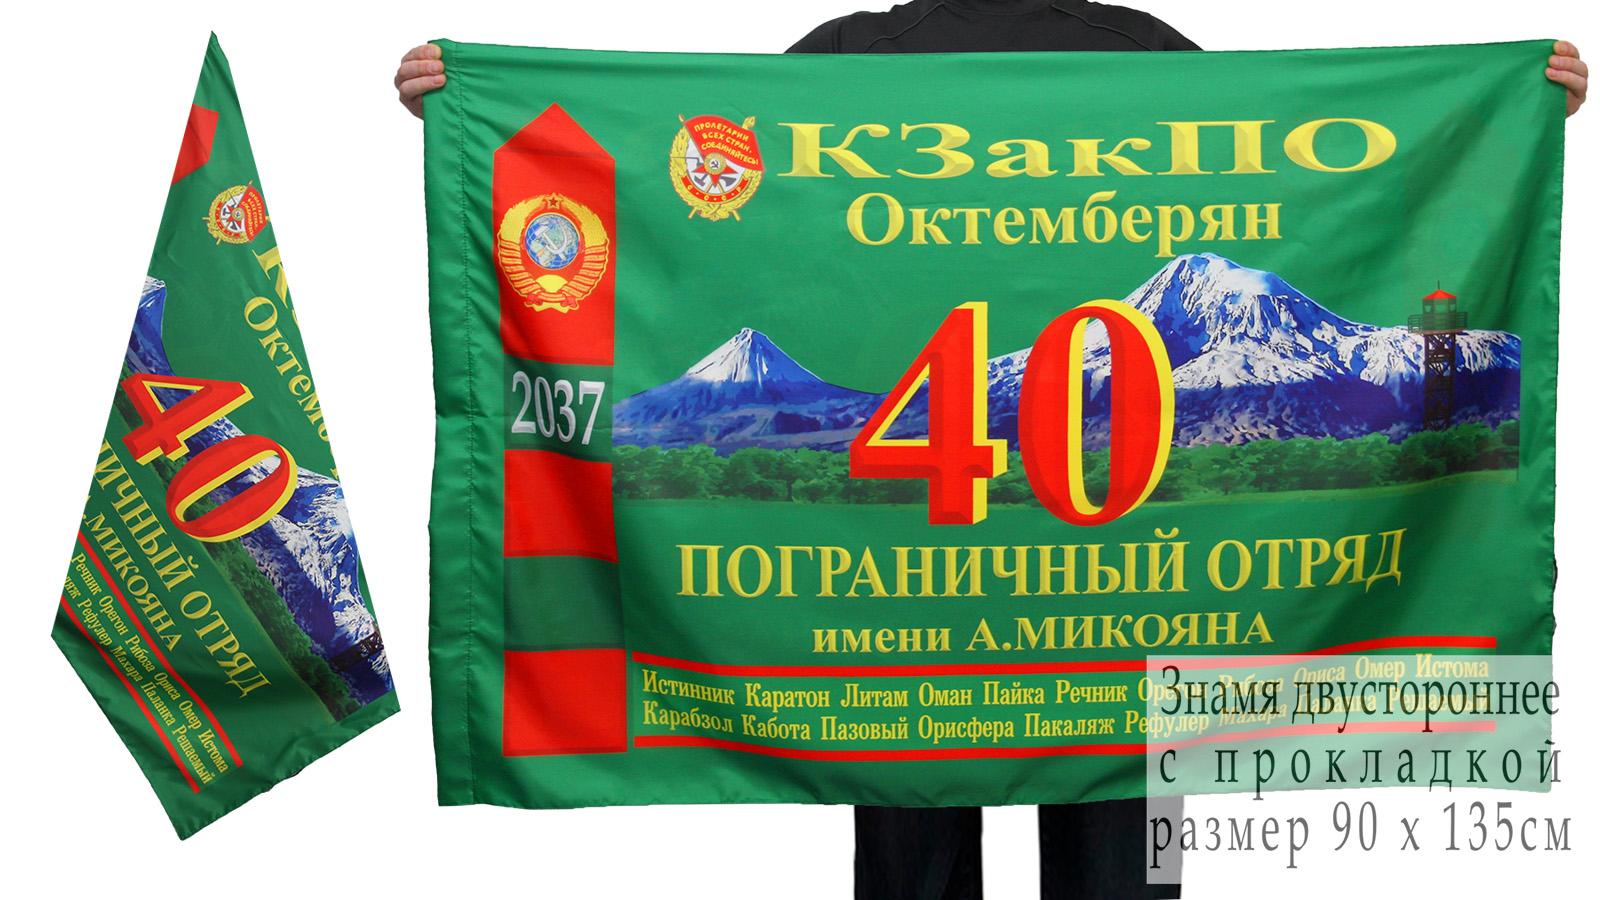 Двухсторонний флаг 40-го пограничного отряда